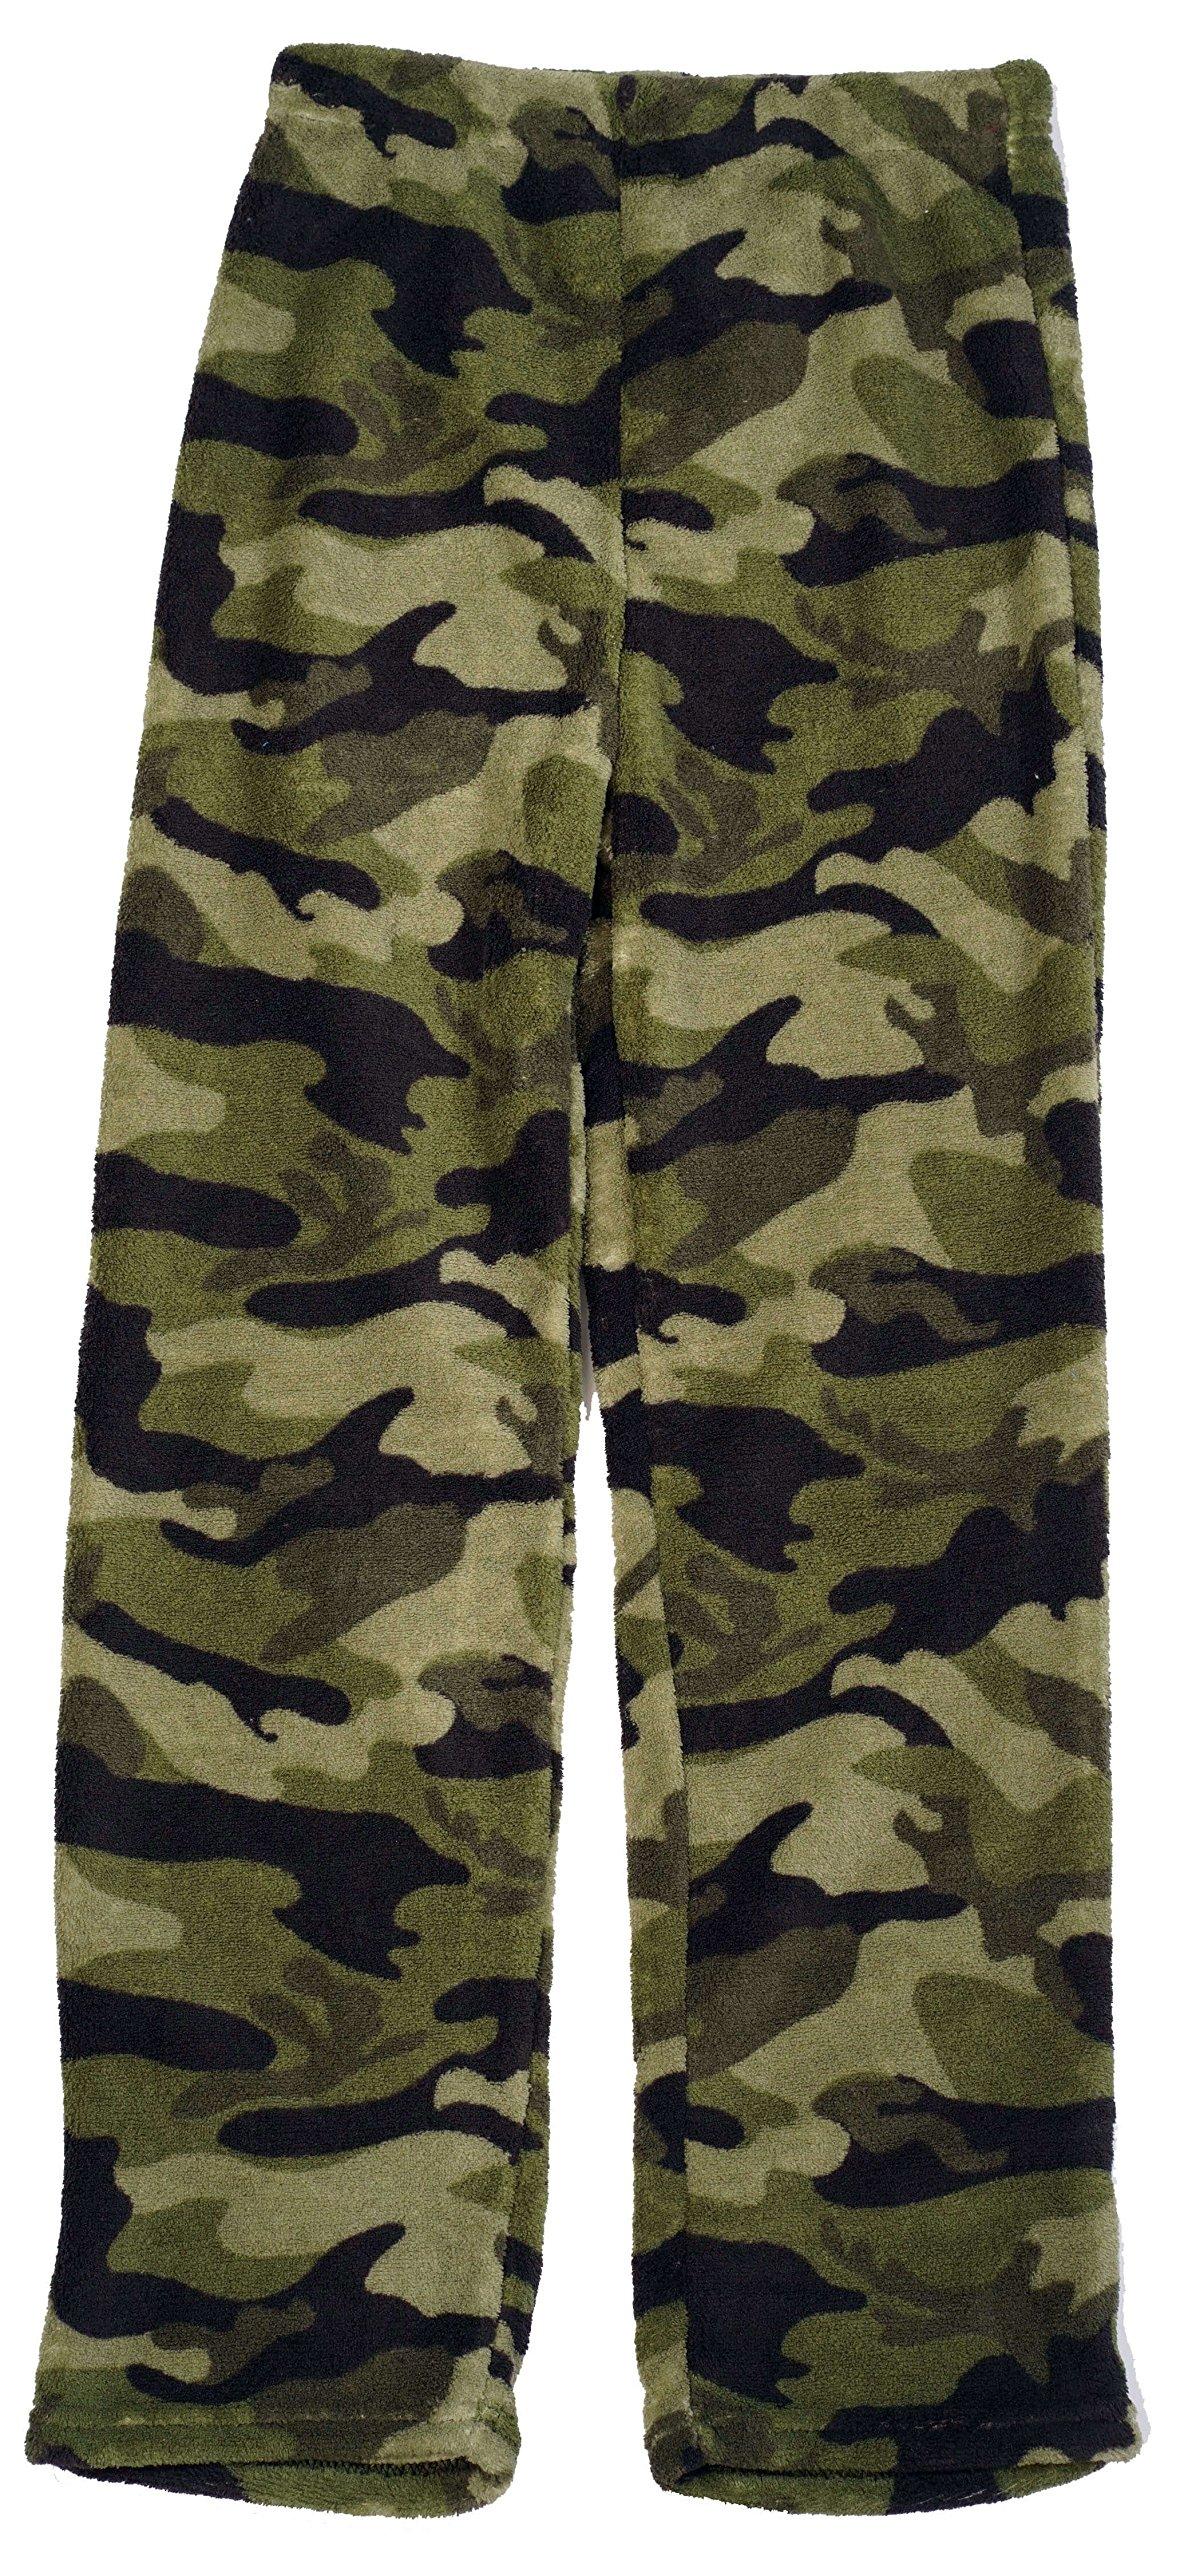 Prince of Sleep Plush Pajama Pants for Boys 45508-CAMOGRN-8